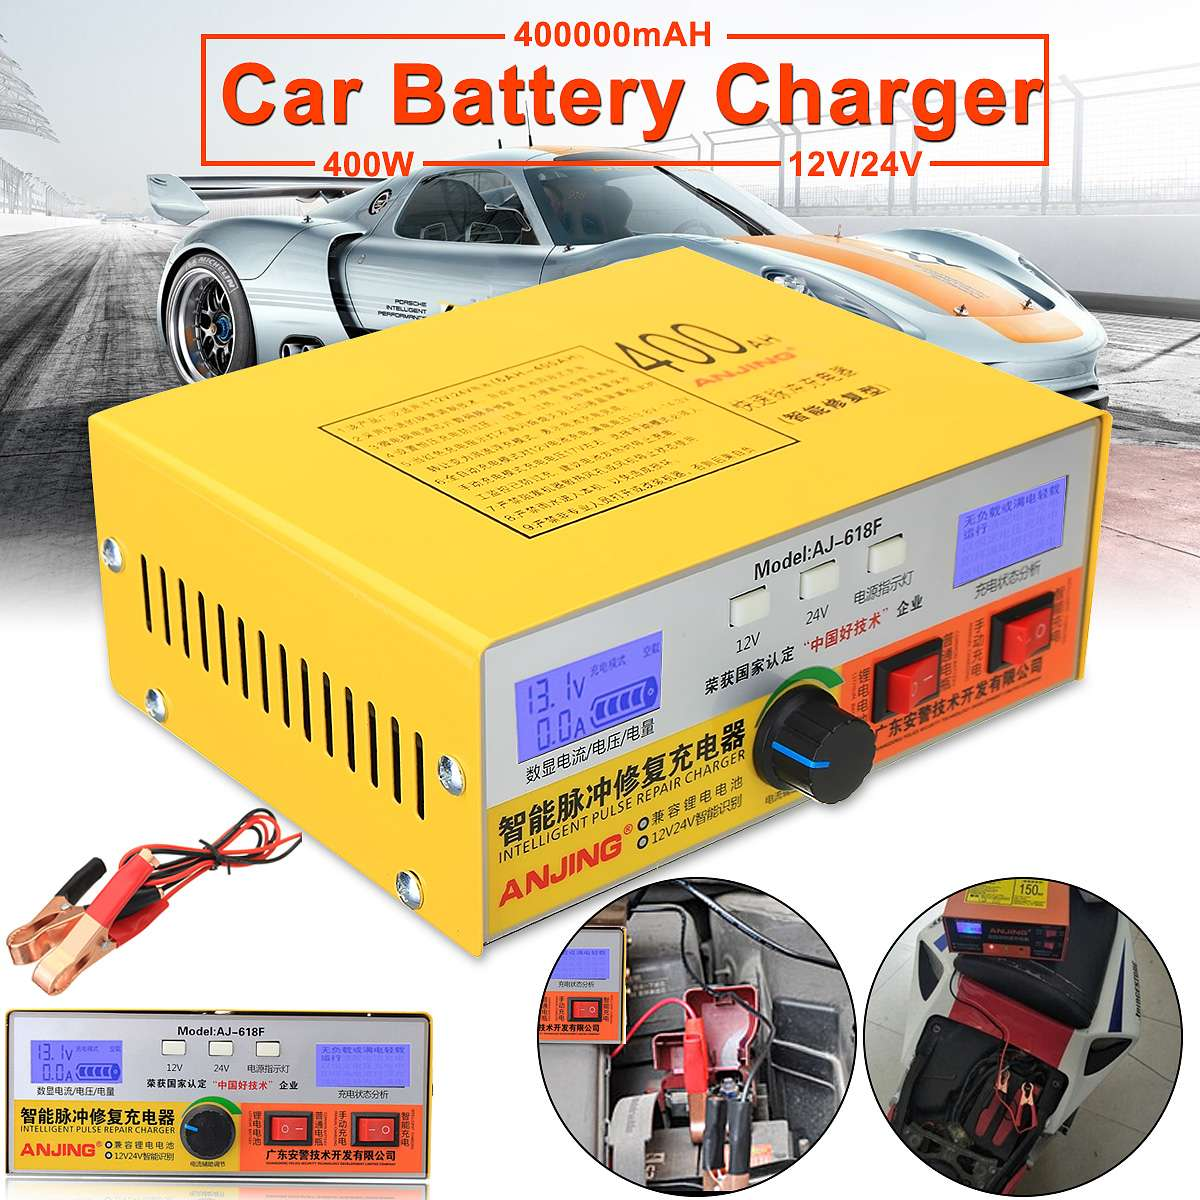 Chargeur automatique Intelligent de batterie de voiture du Type 12 V/24 V 400AH de réparation d'impulsion AJ-618